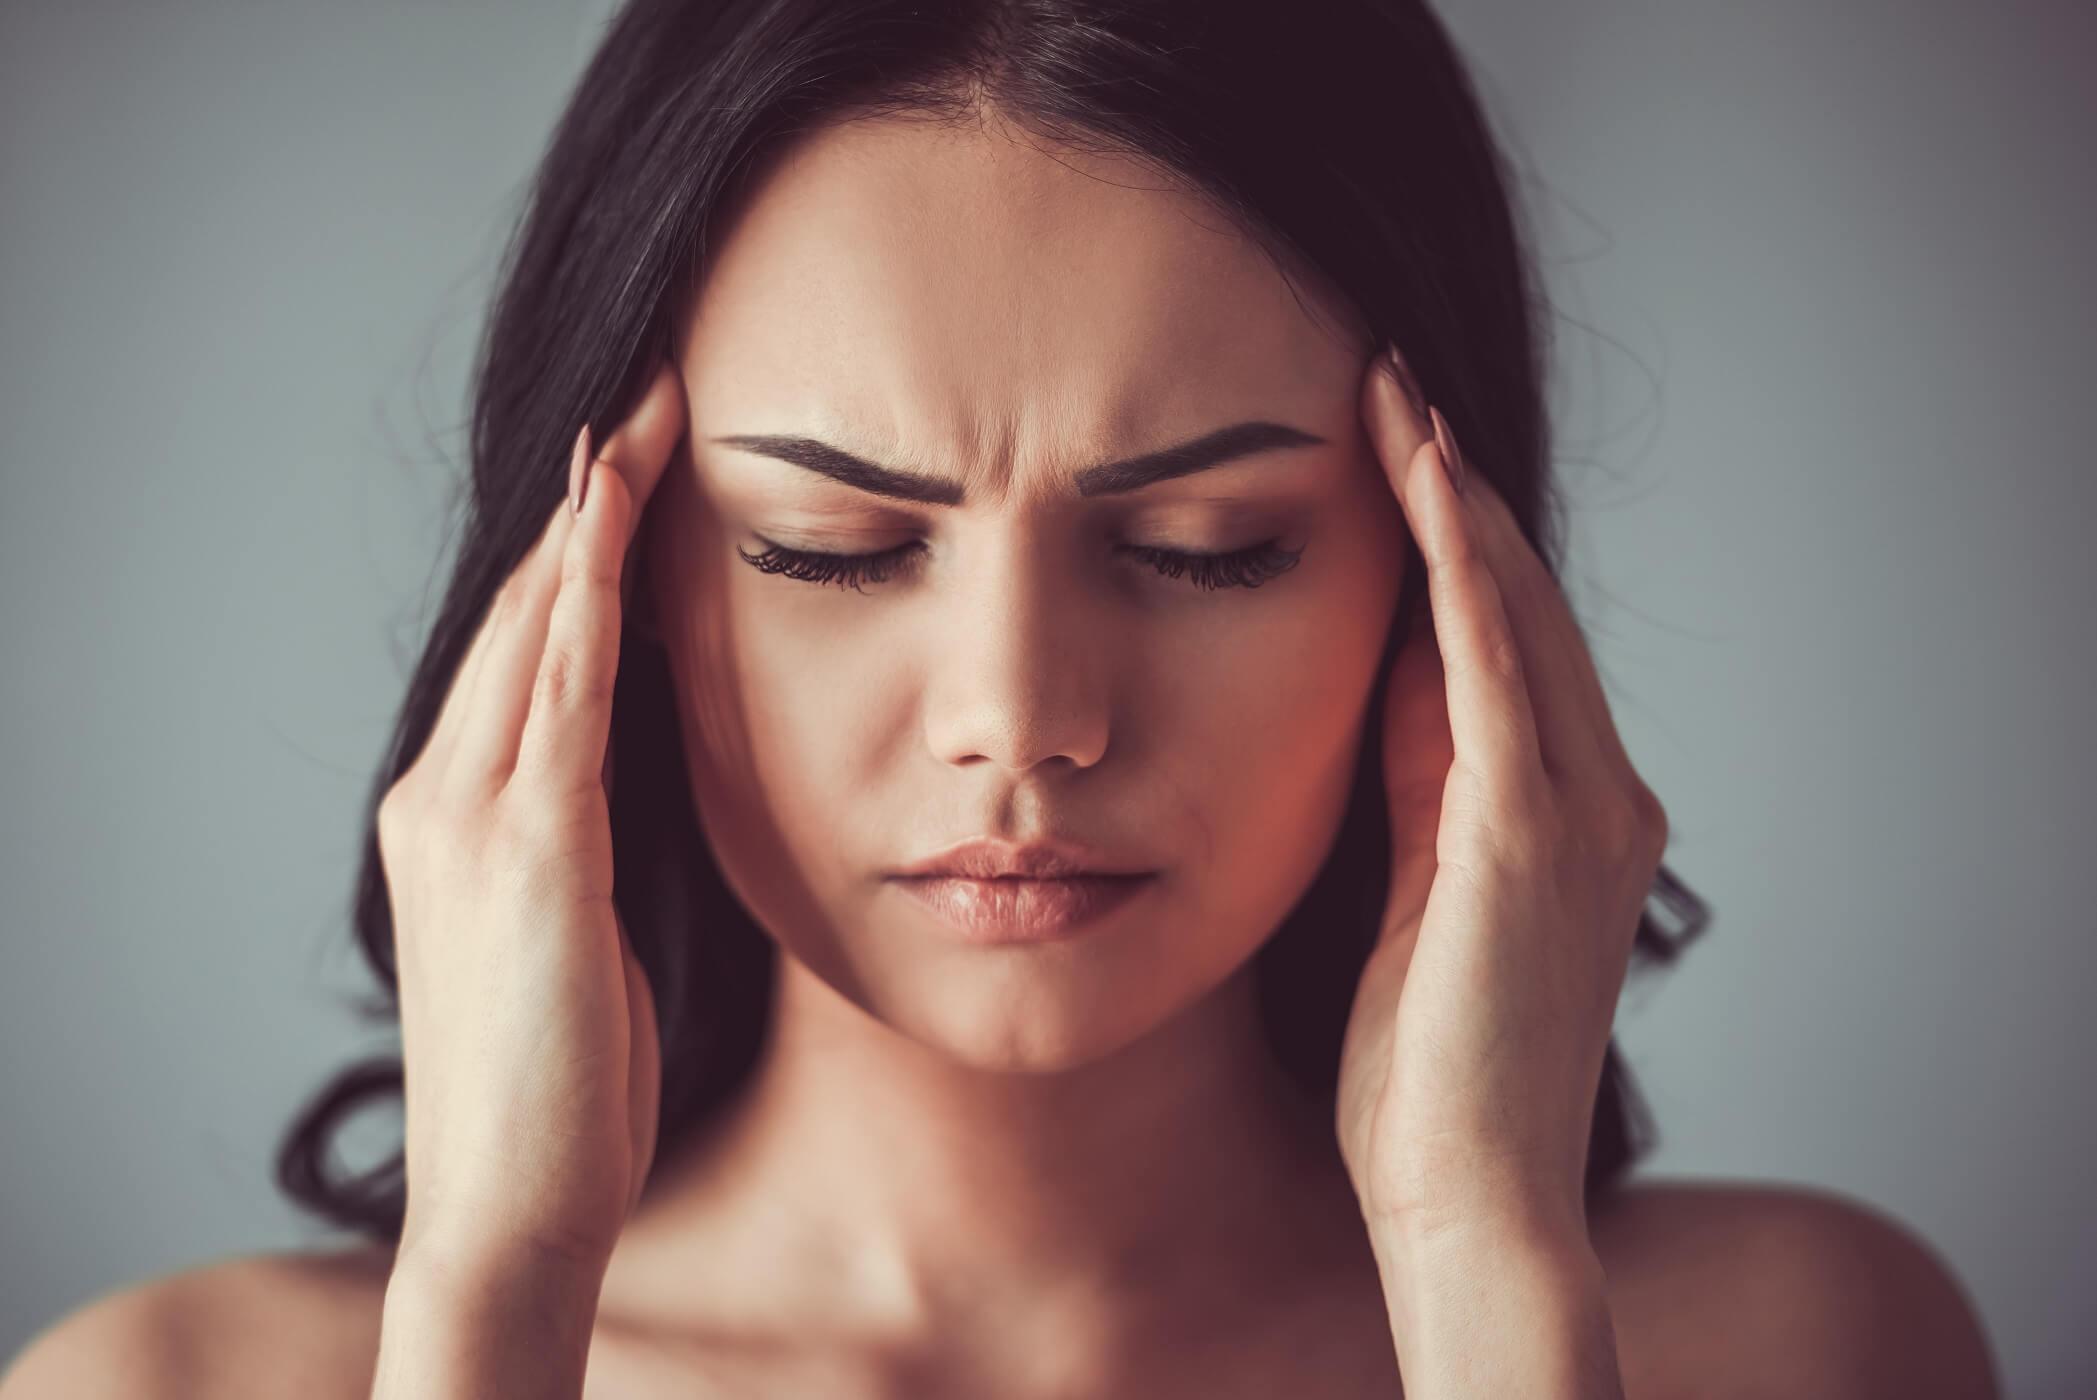 Bolesť: Príčiny, diagnóza a liečba bolesti